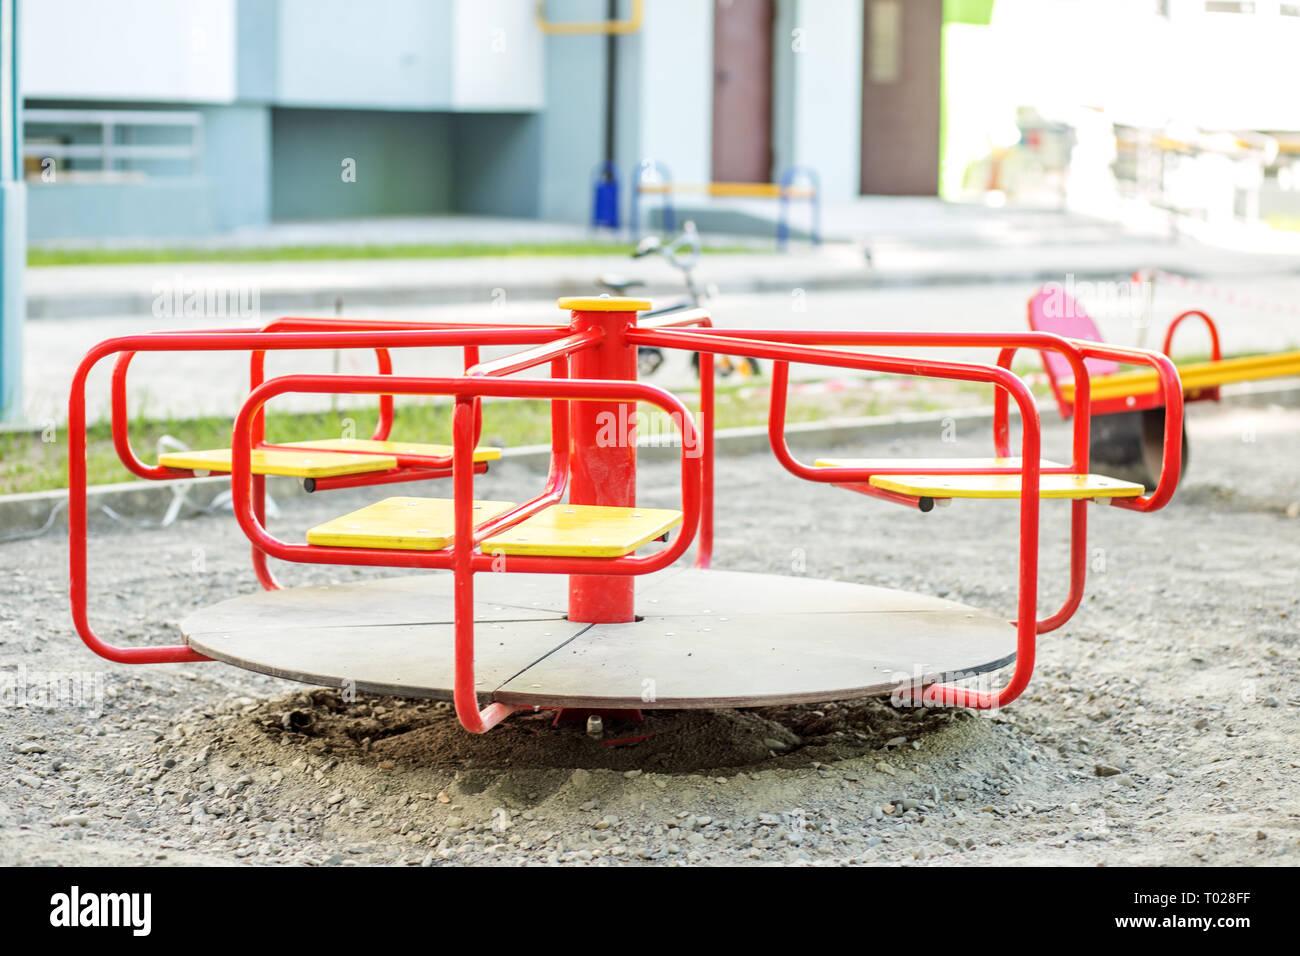 Carrousel rouge sur l'aire de jeux dans la ville. La notion d'enfance, parentalité, jeu Banque D'Images